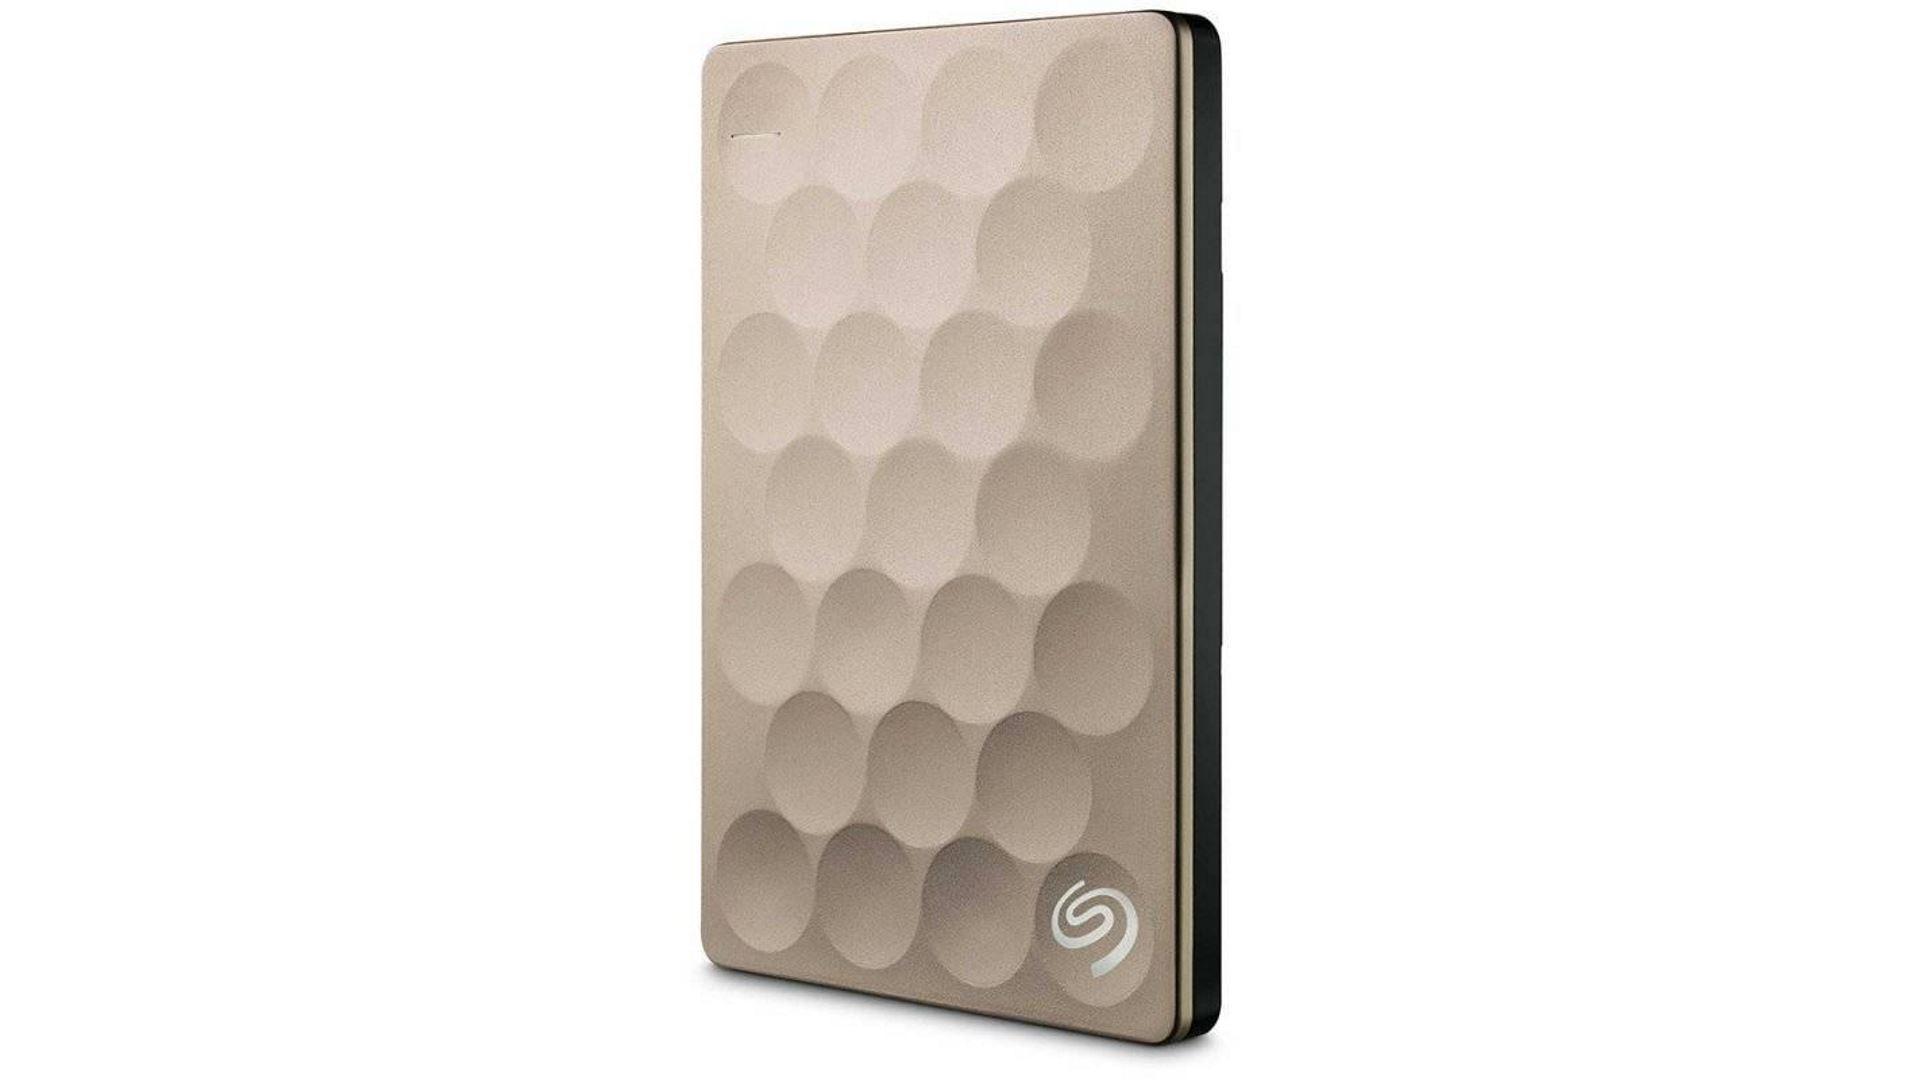 На иллюстрации изображён внешний жесткий диск Seagate Backup Plus Ultra Slim 2 ТБ бежевого цвета в разворот